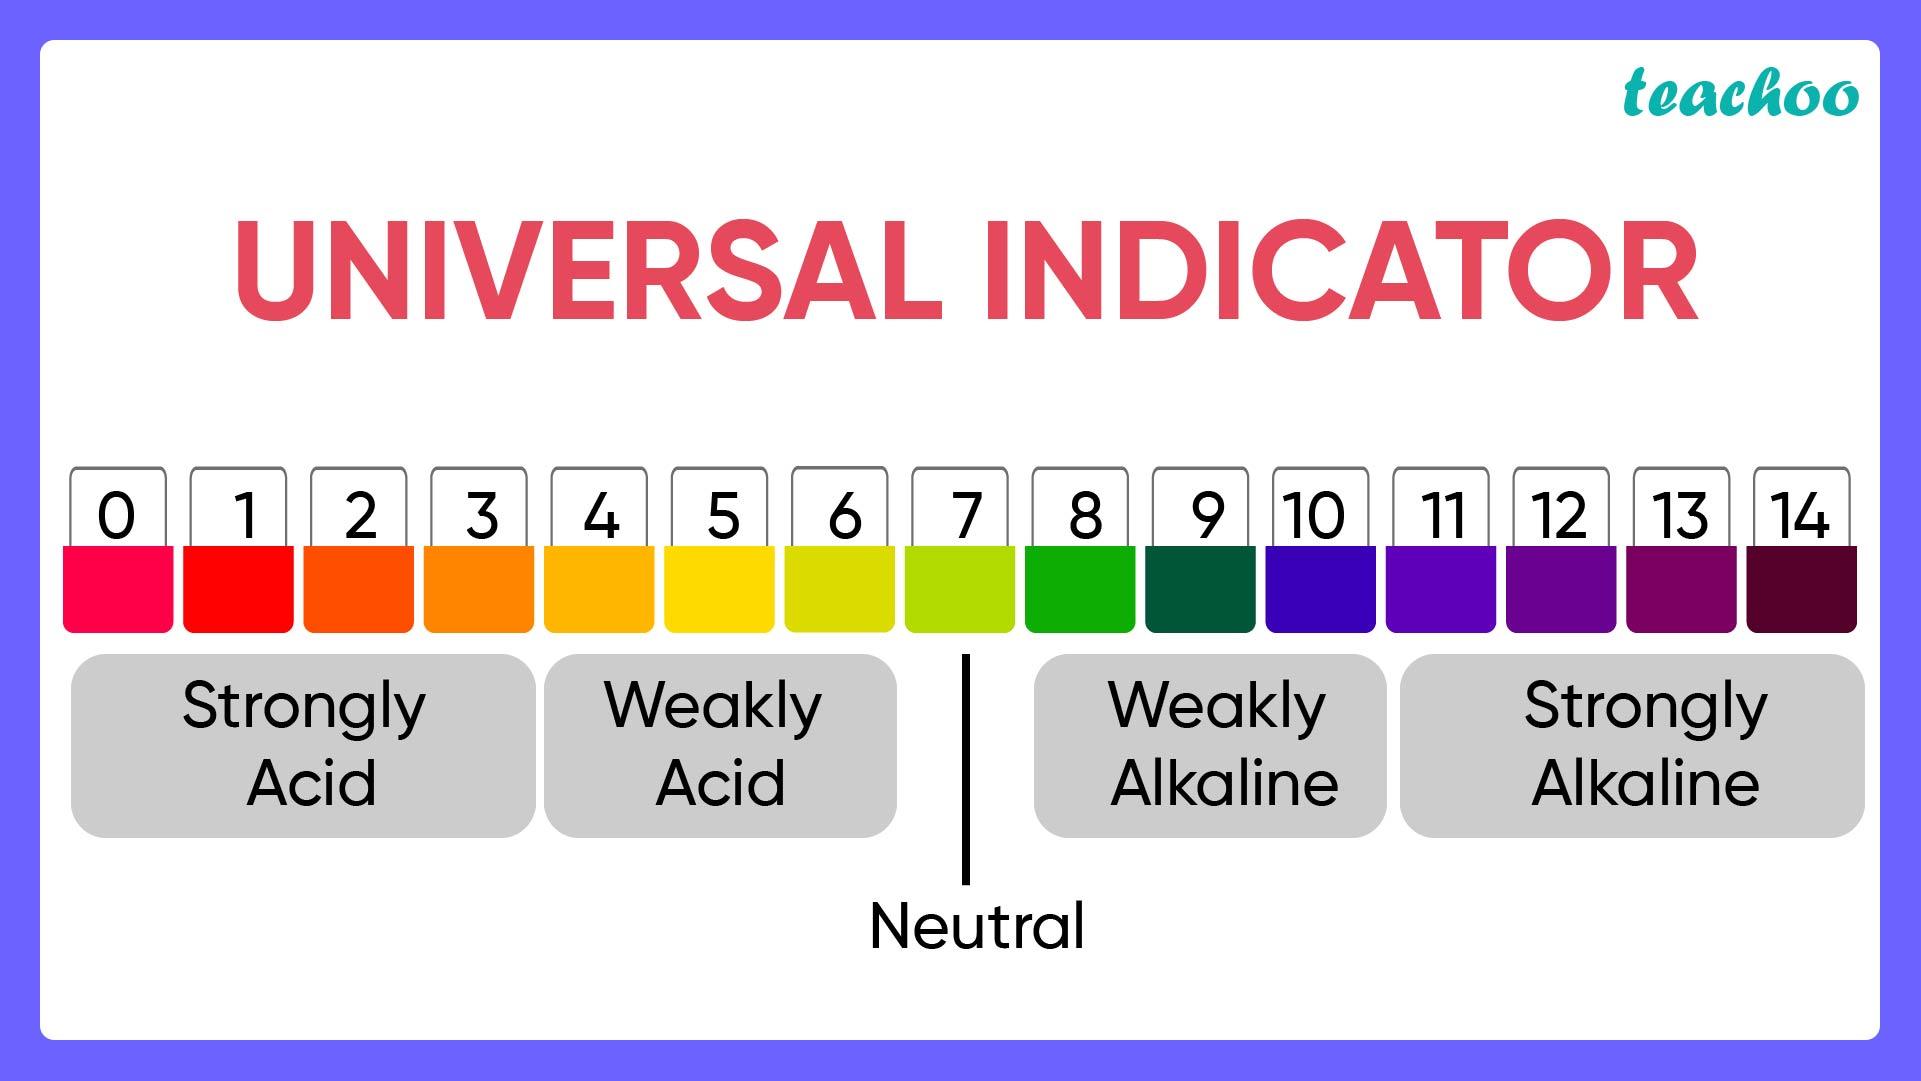 Universal Indicator-Teachoo.jpg